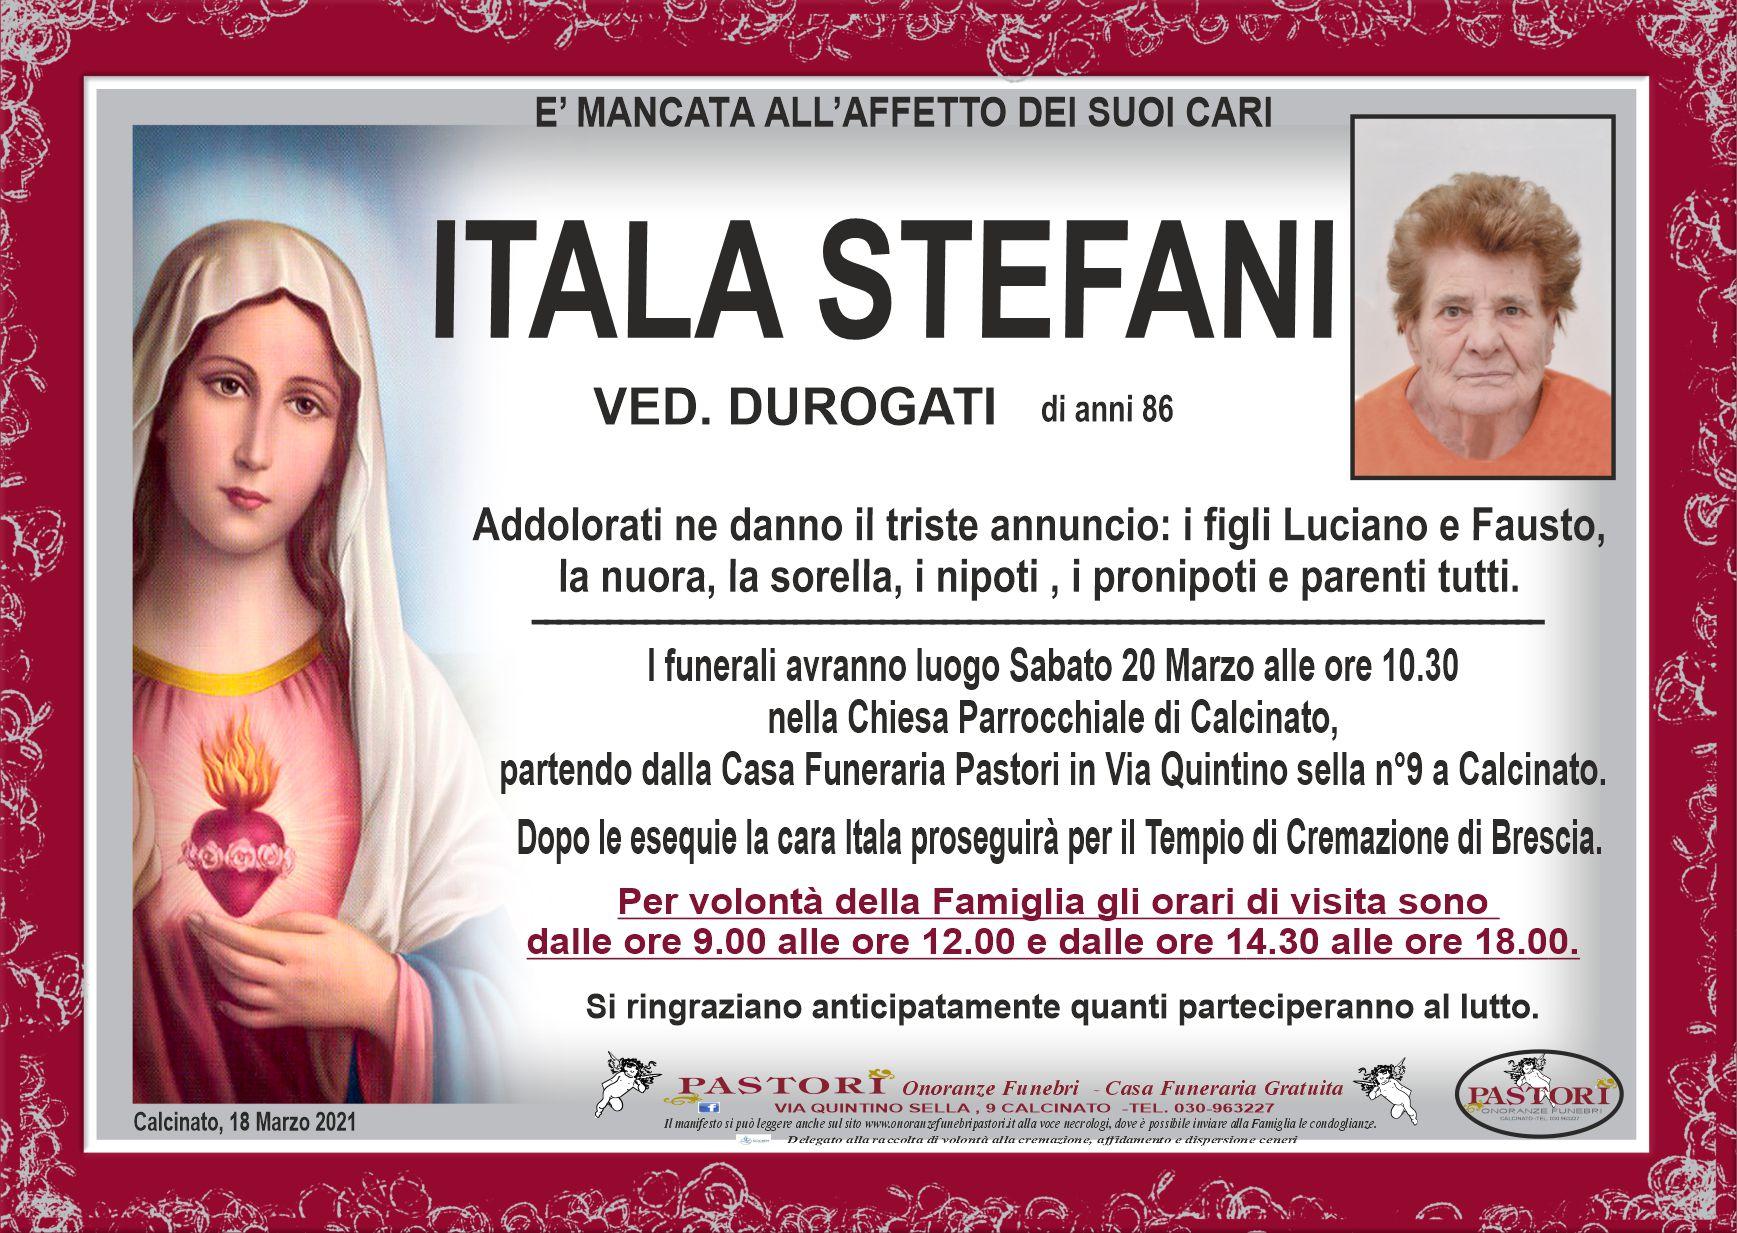 Itala Stefani